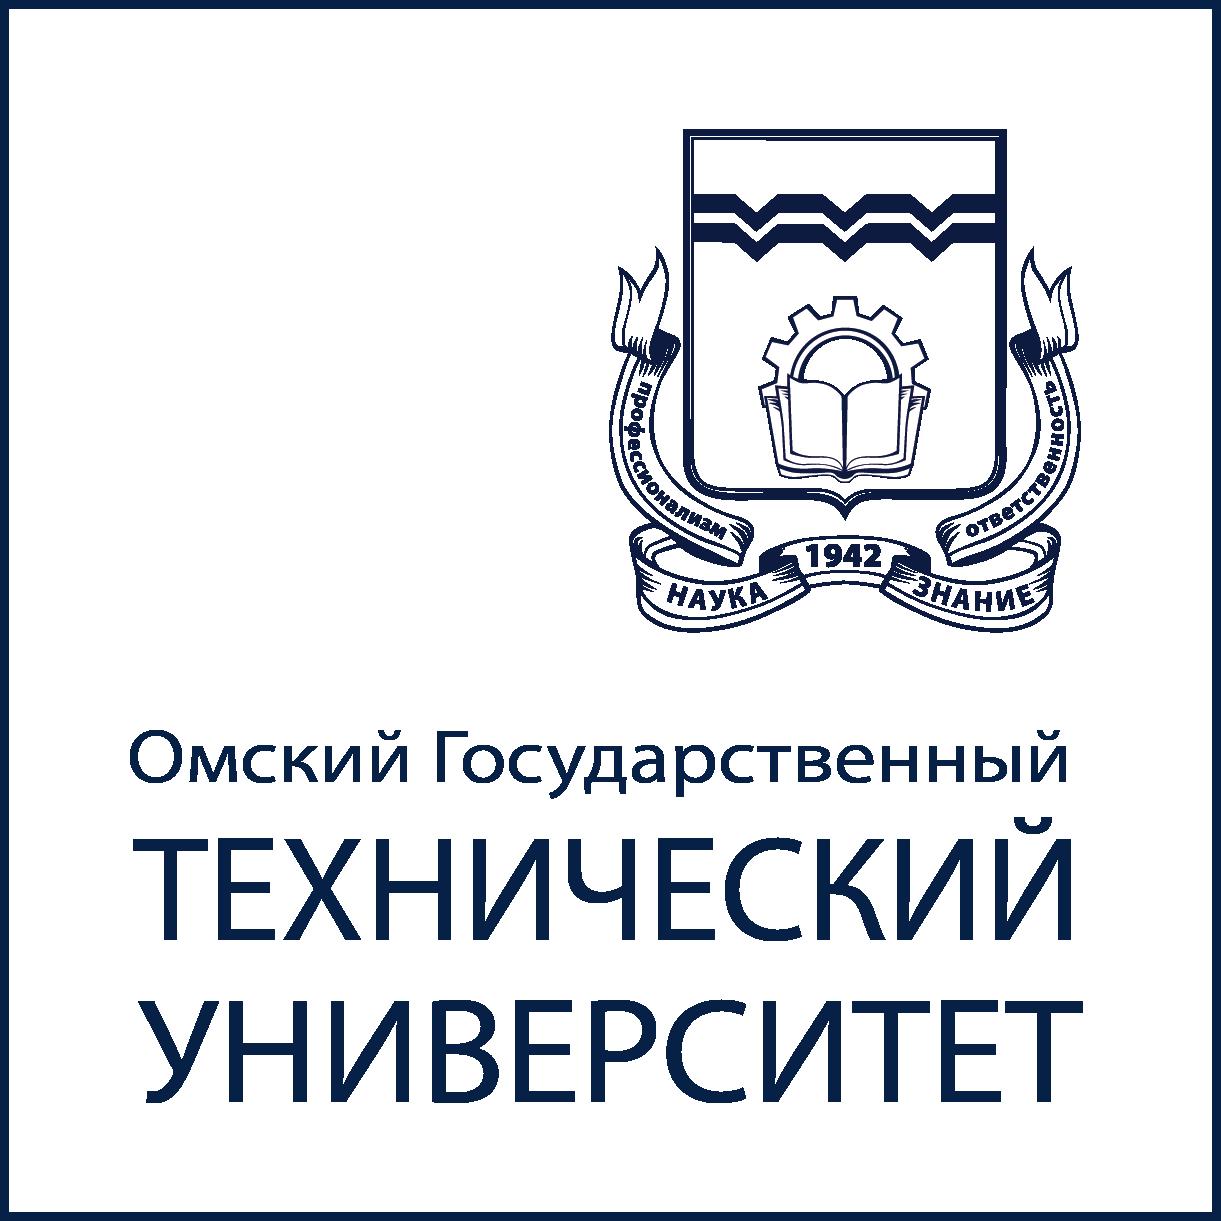 схема из лого нов курс